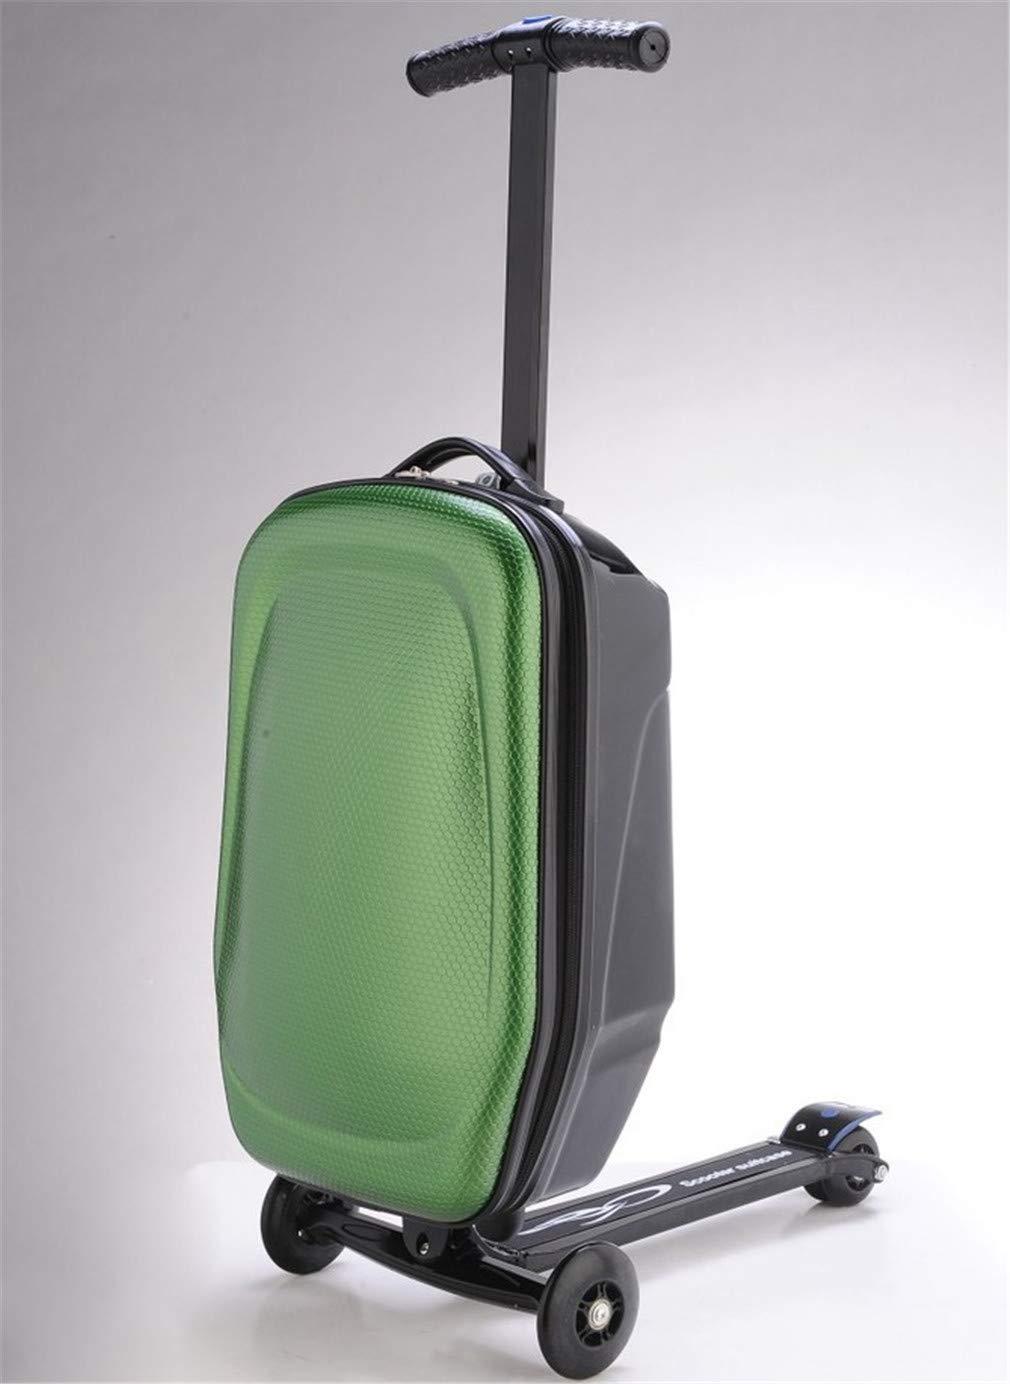 スクーター荷物、12年間のために適したスーツケースが付いているマイクロ荷物の折り畳み式の3つの車輪のスクーター+  Green B07RTXK3Y8